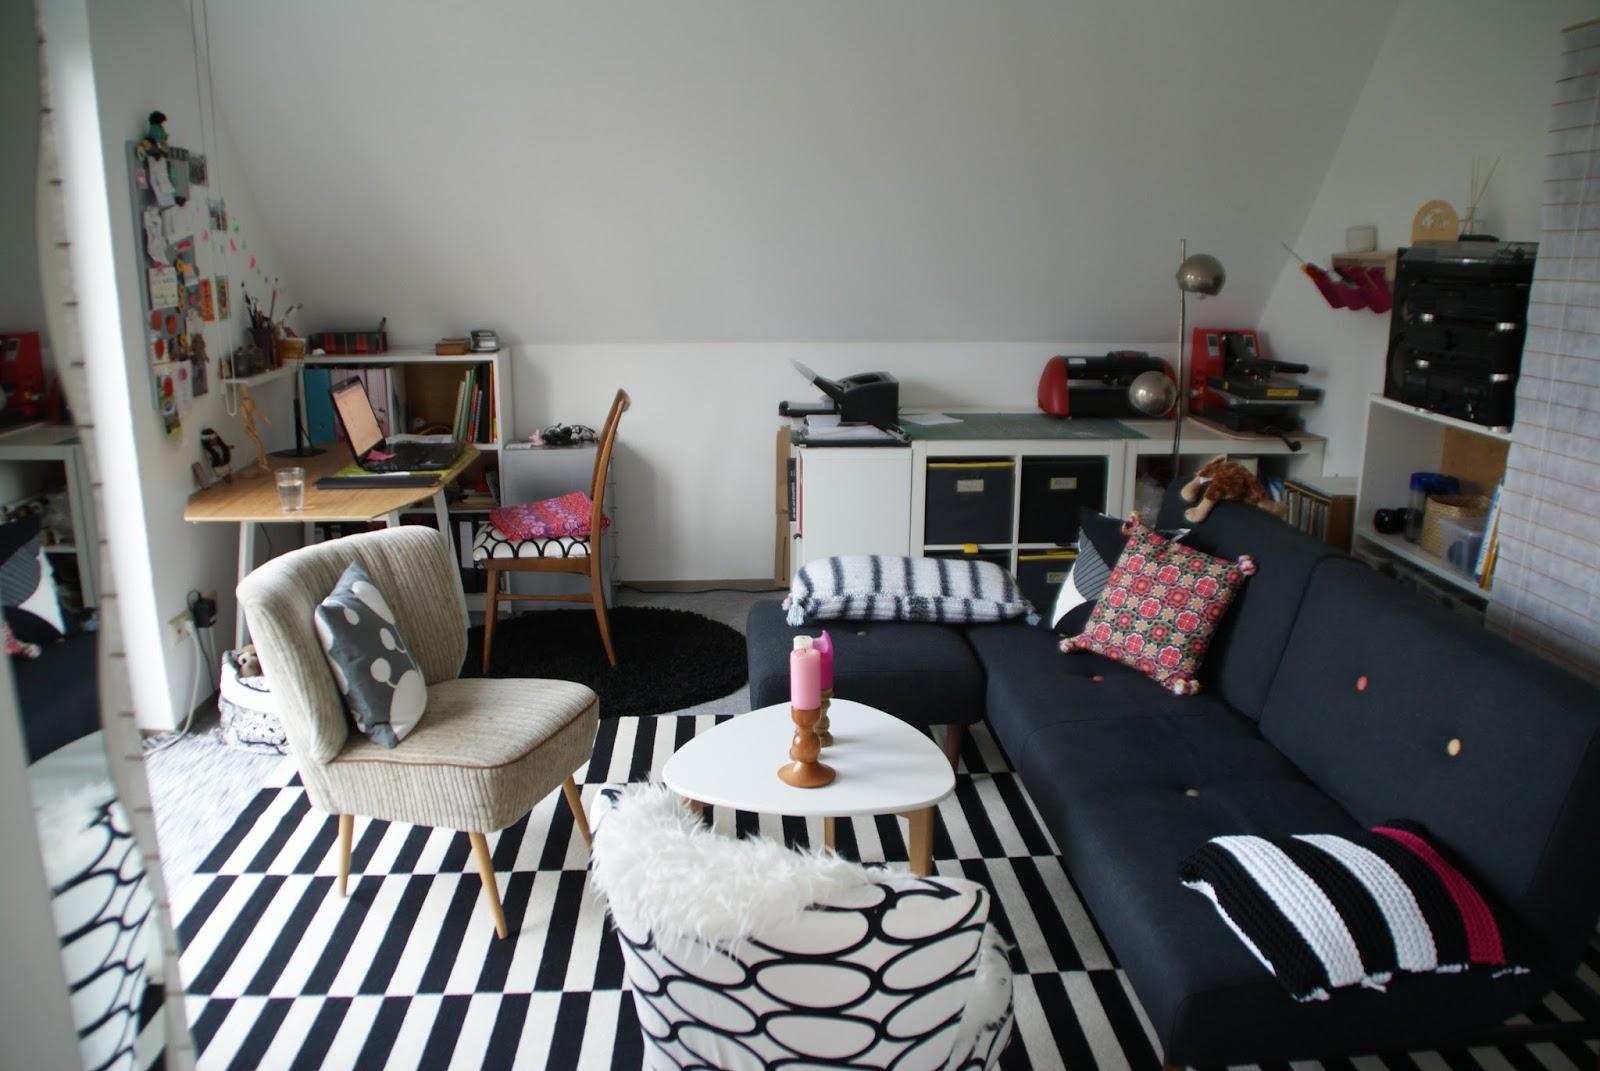 doros motorblock minimalismus vorratshaltung ad. Black Bedroom Furniture Sets. Home Design Ideas